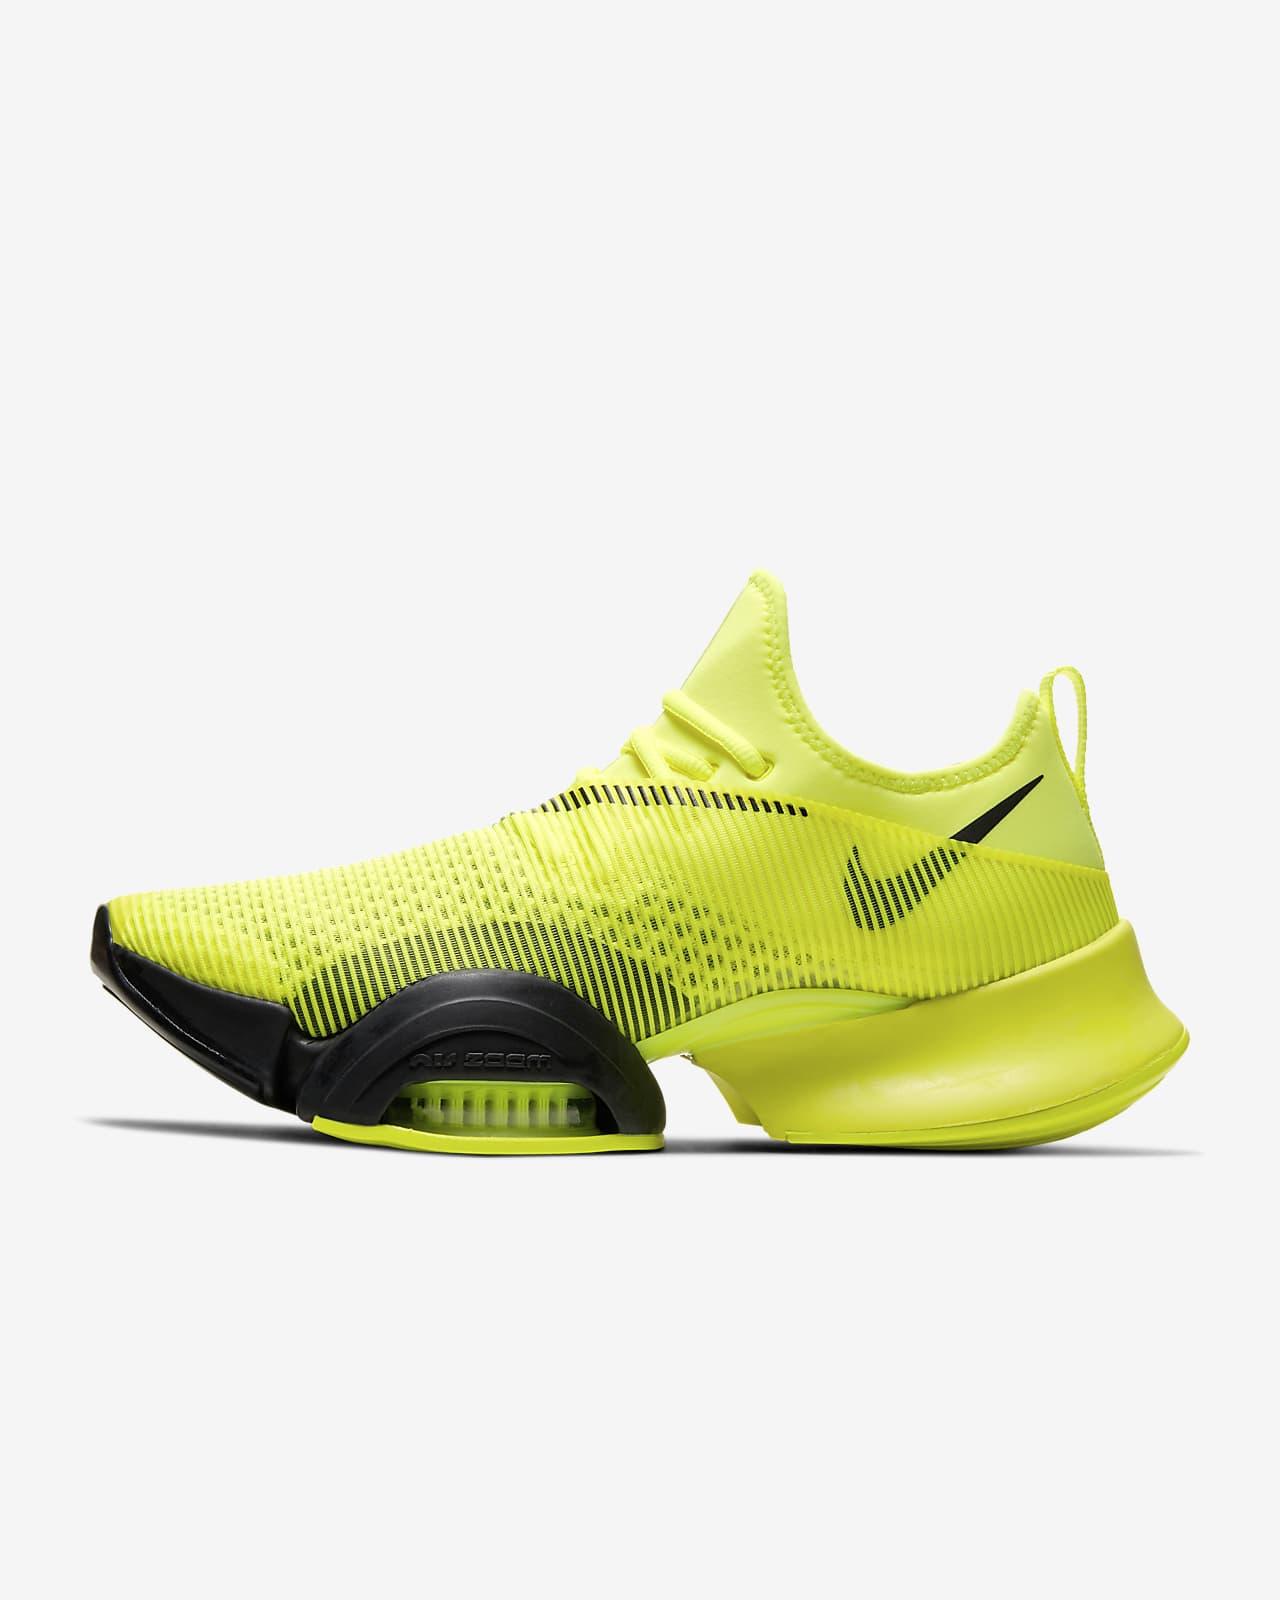 รองเท้าผู้ชายสำหรับคลาส HIIT Nike Air Zoom SuperRep